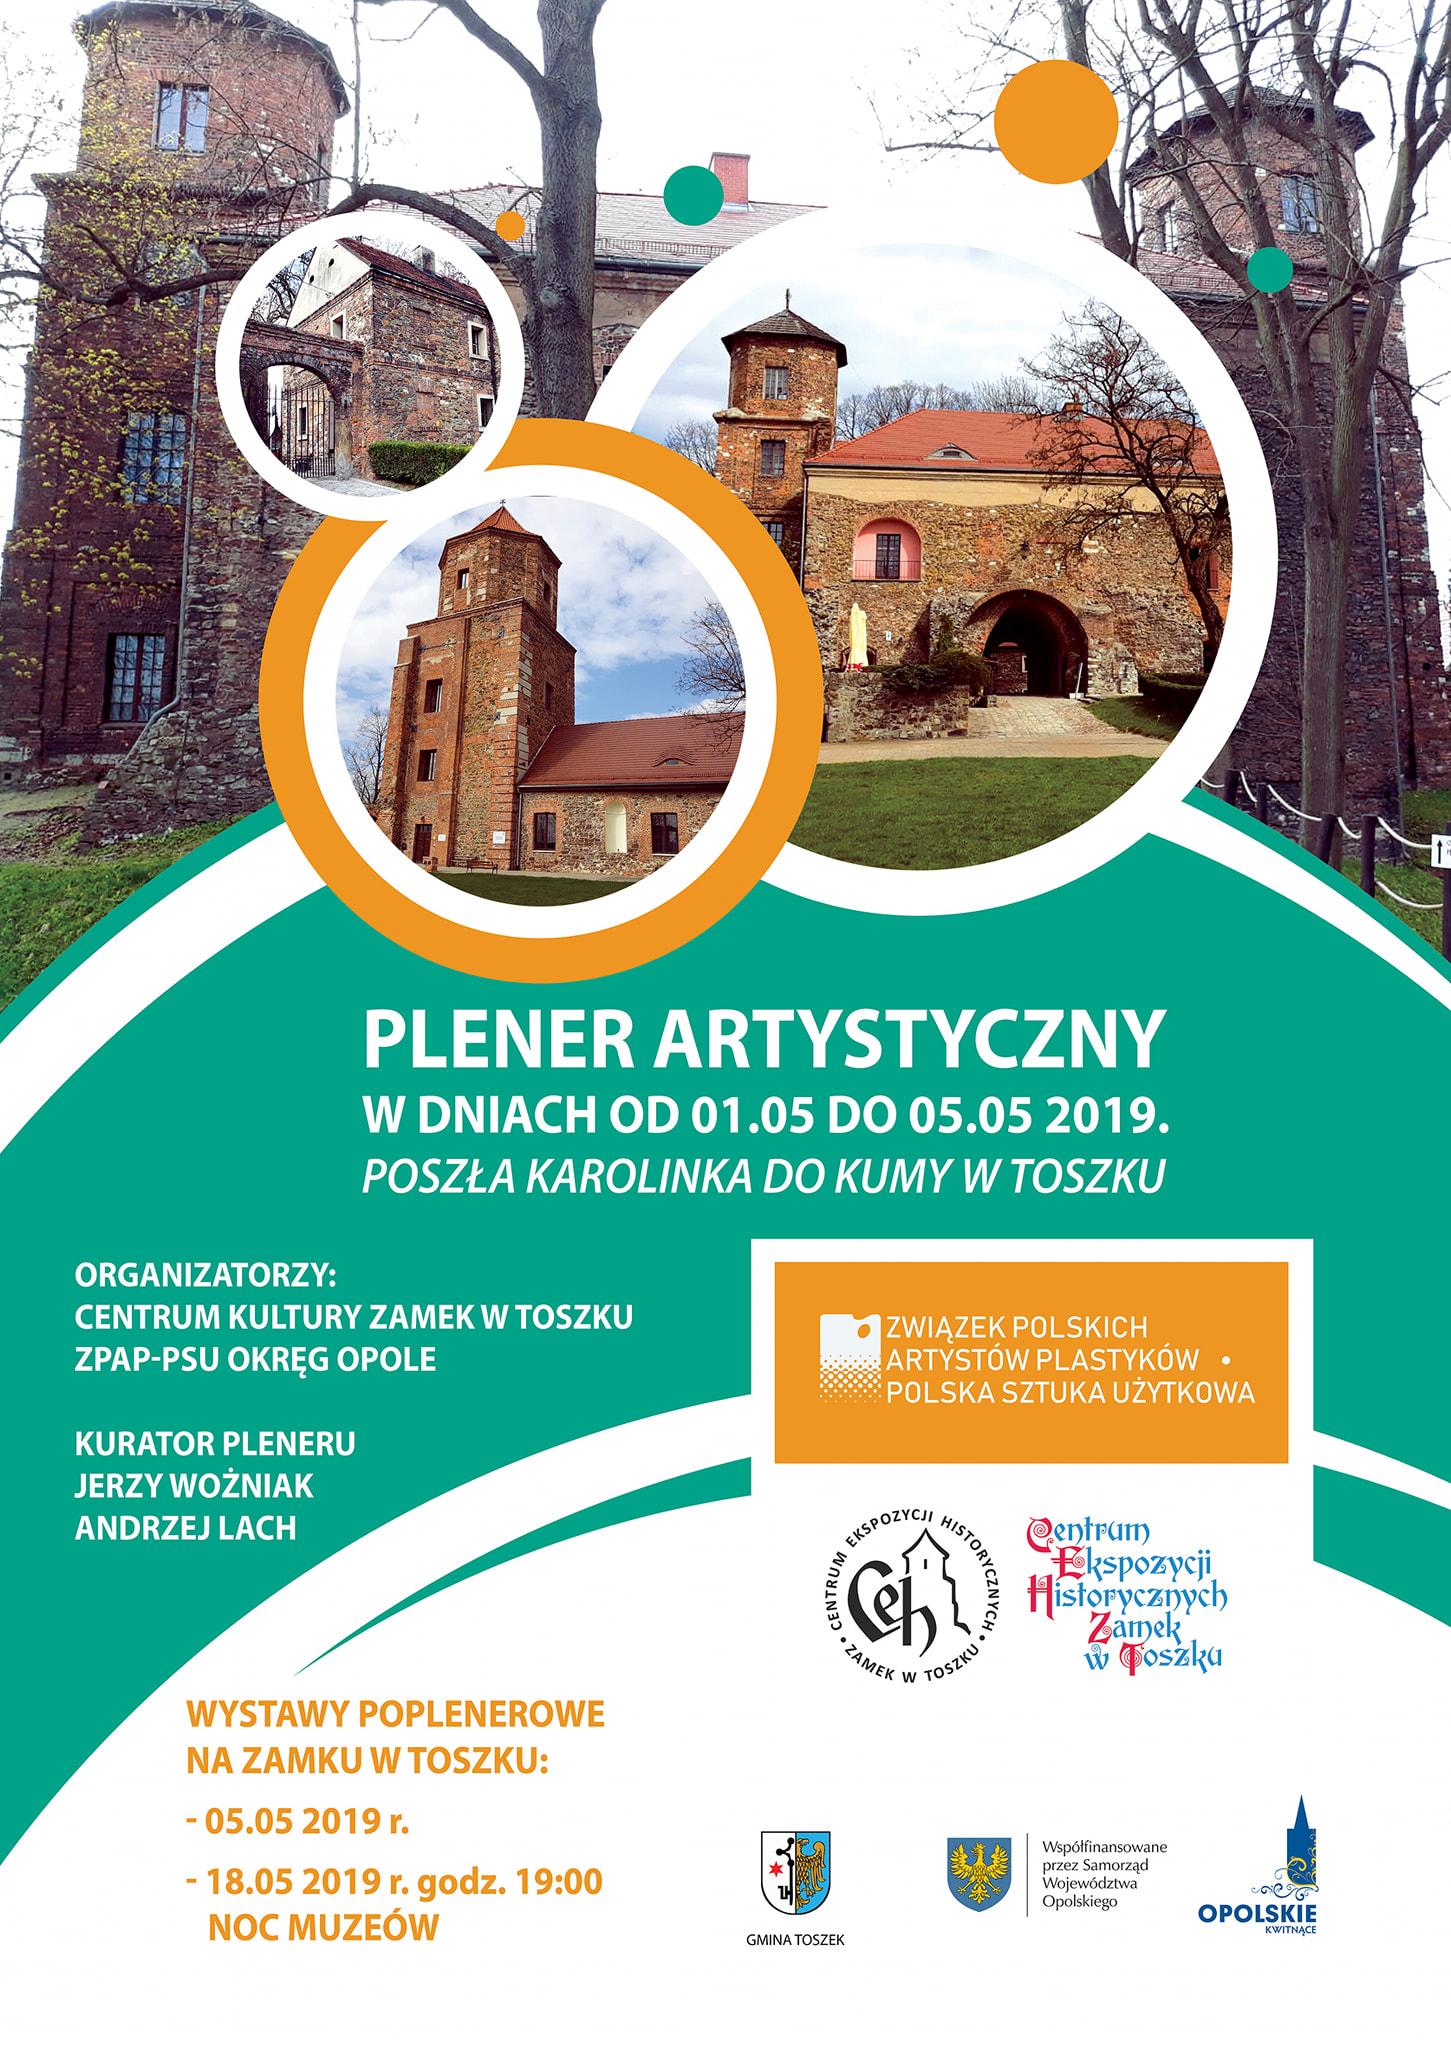 Plener artystyczny w Toszku